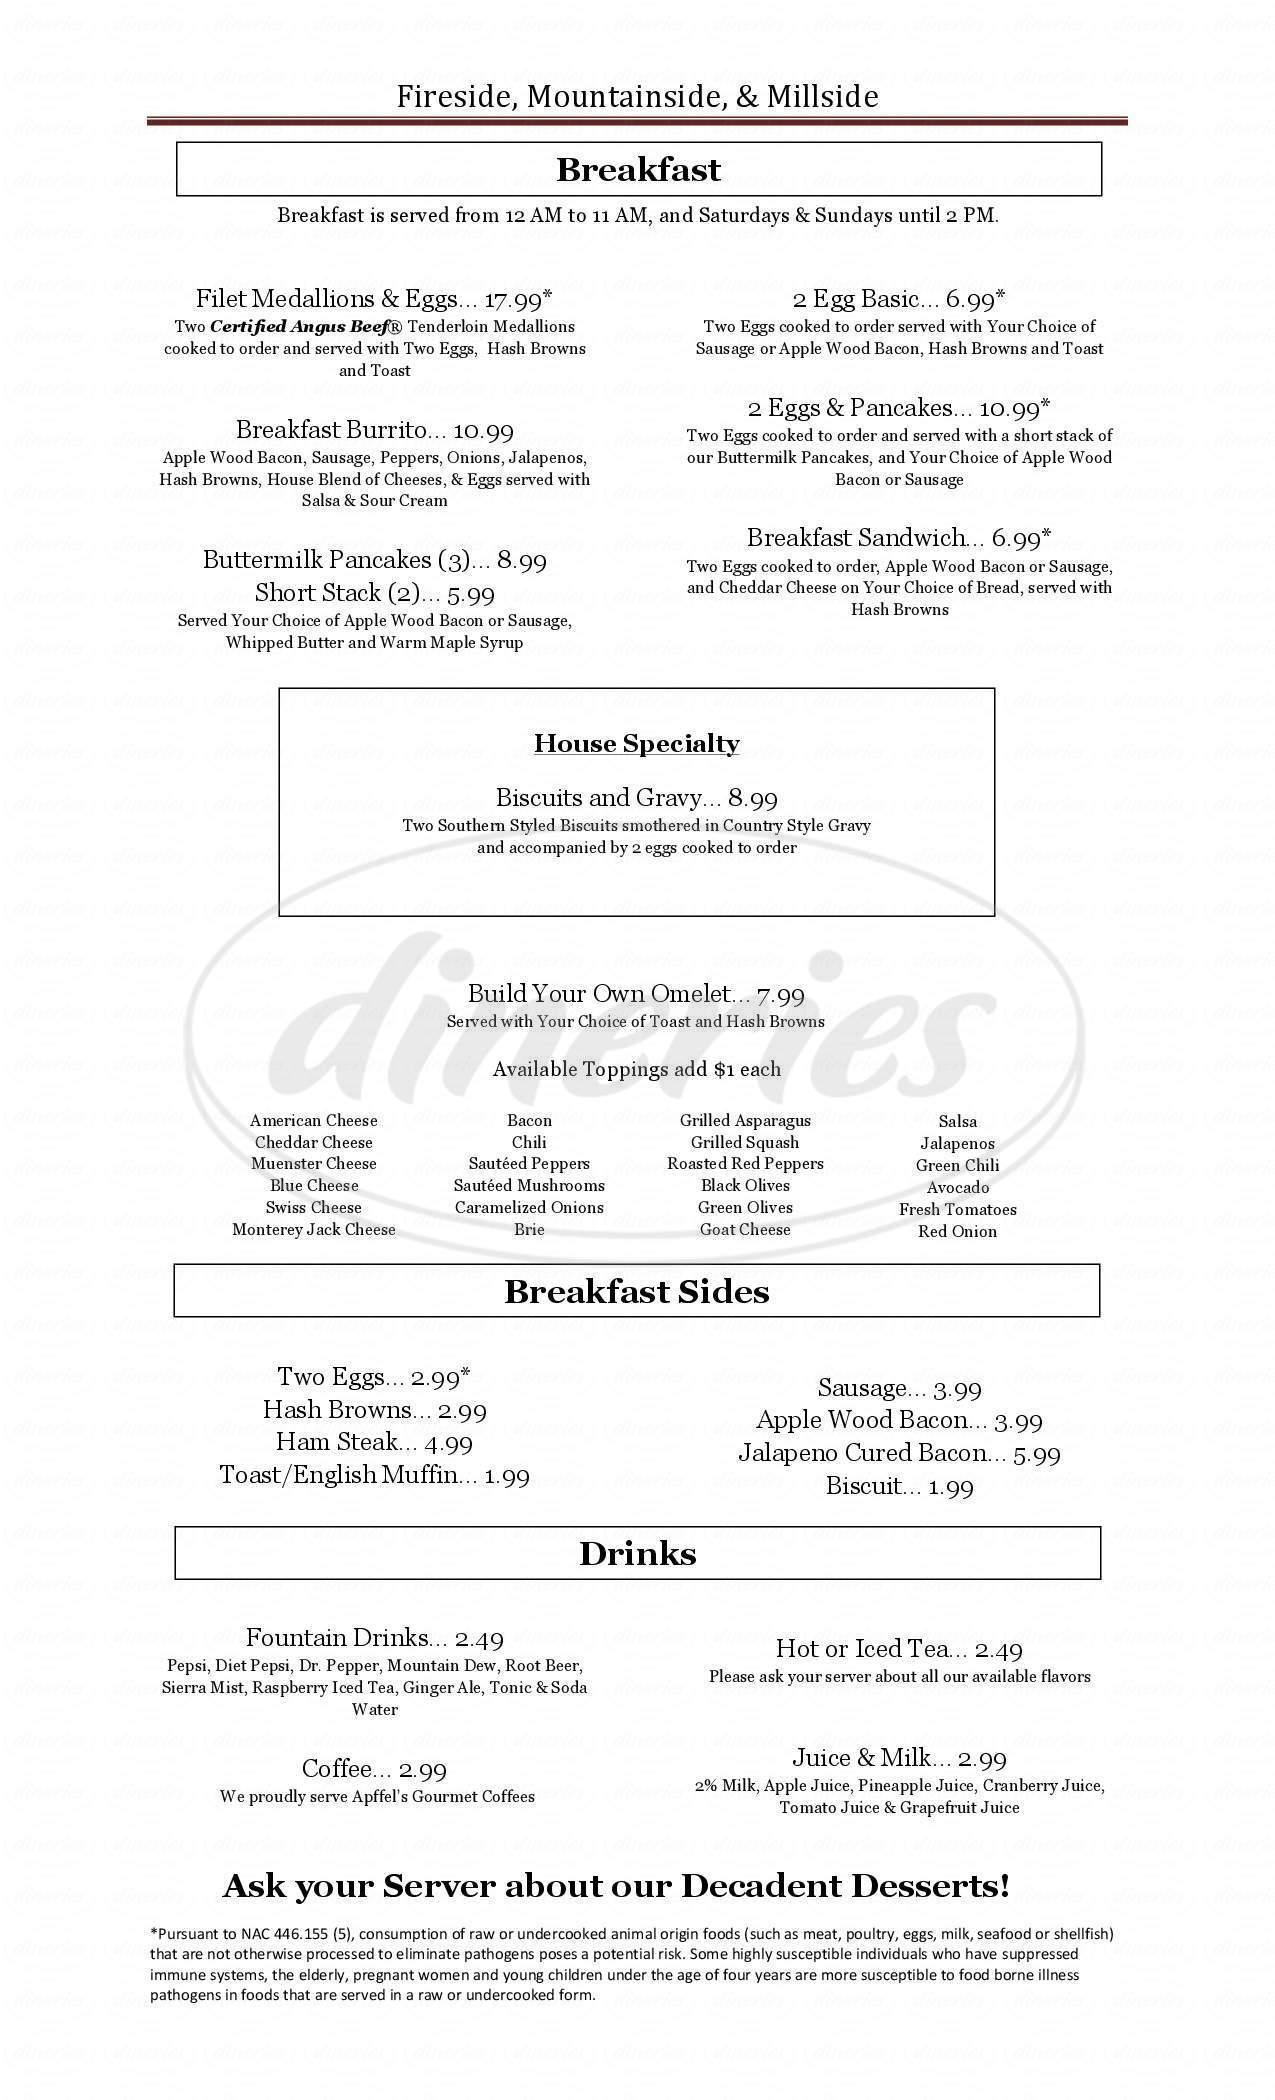 menu for MountainSide